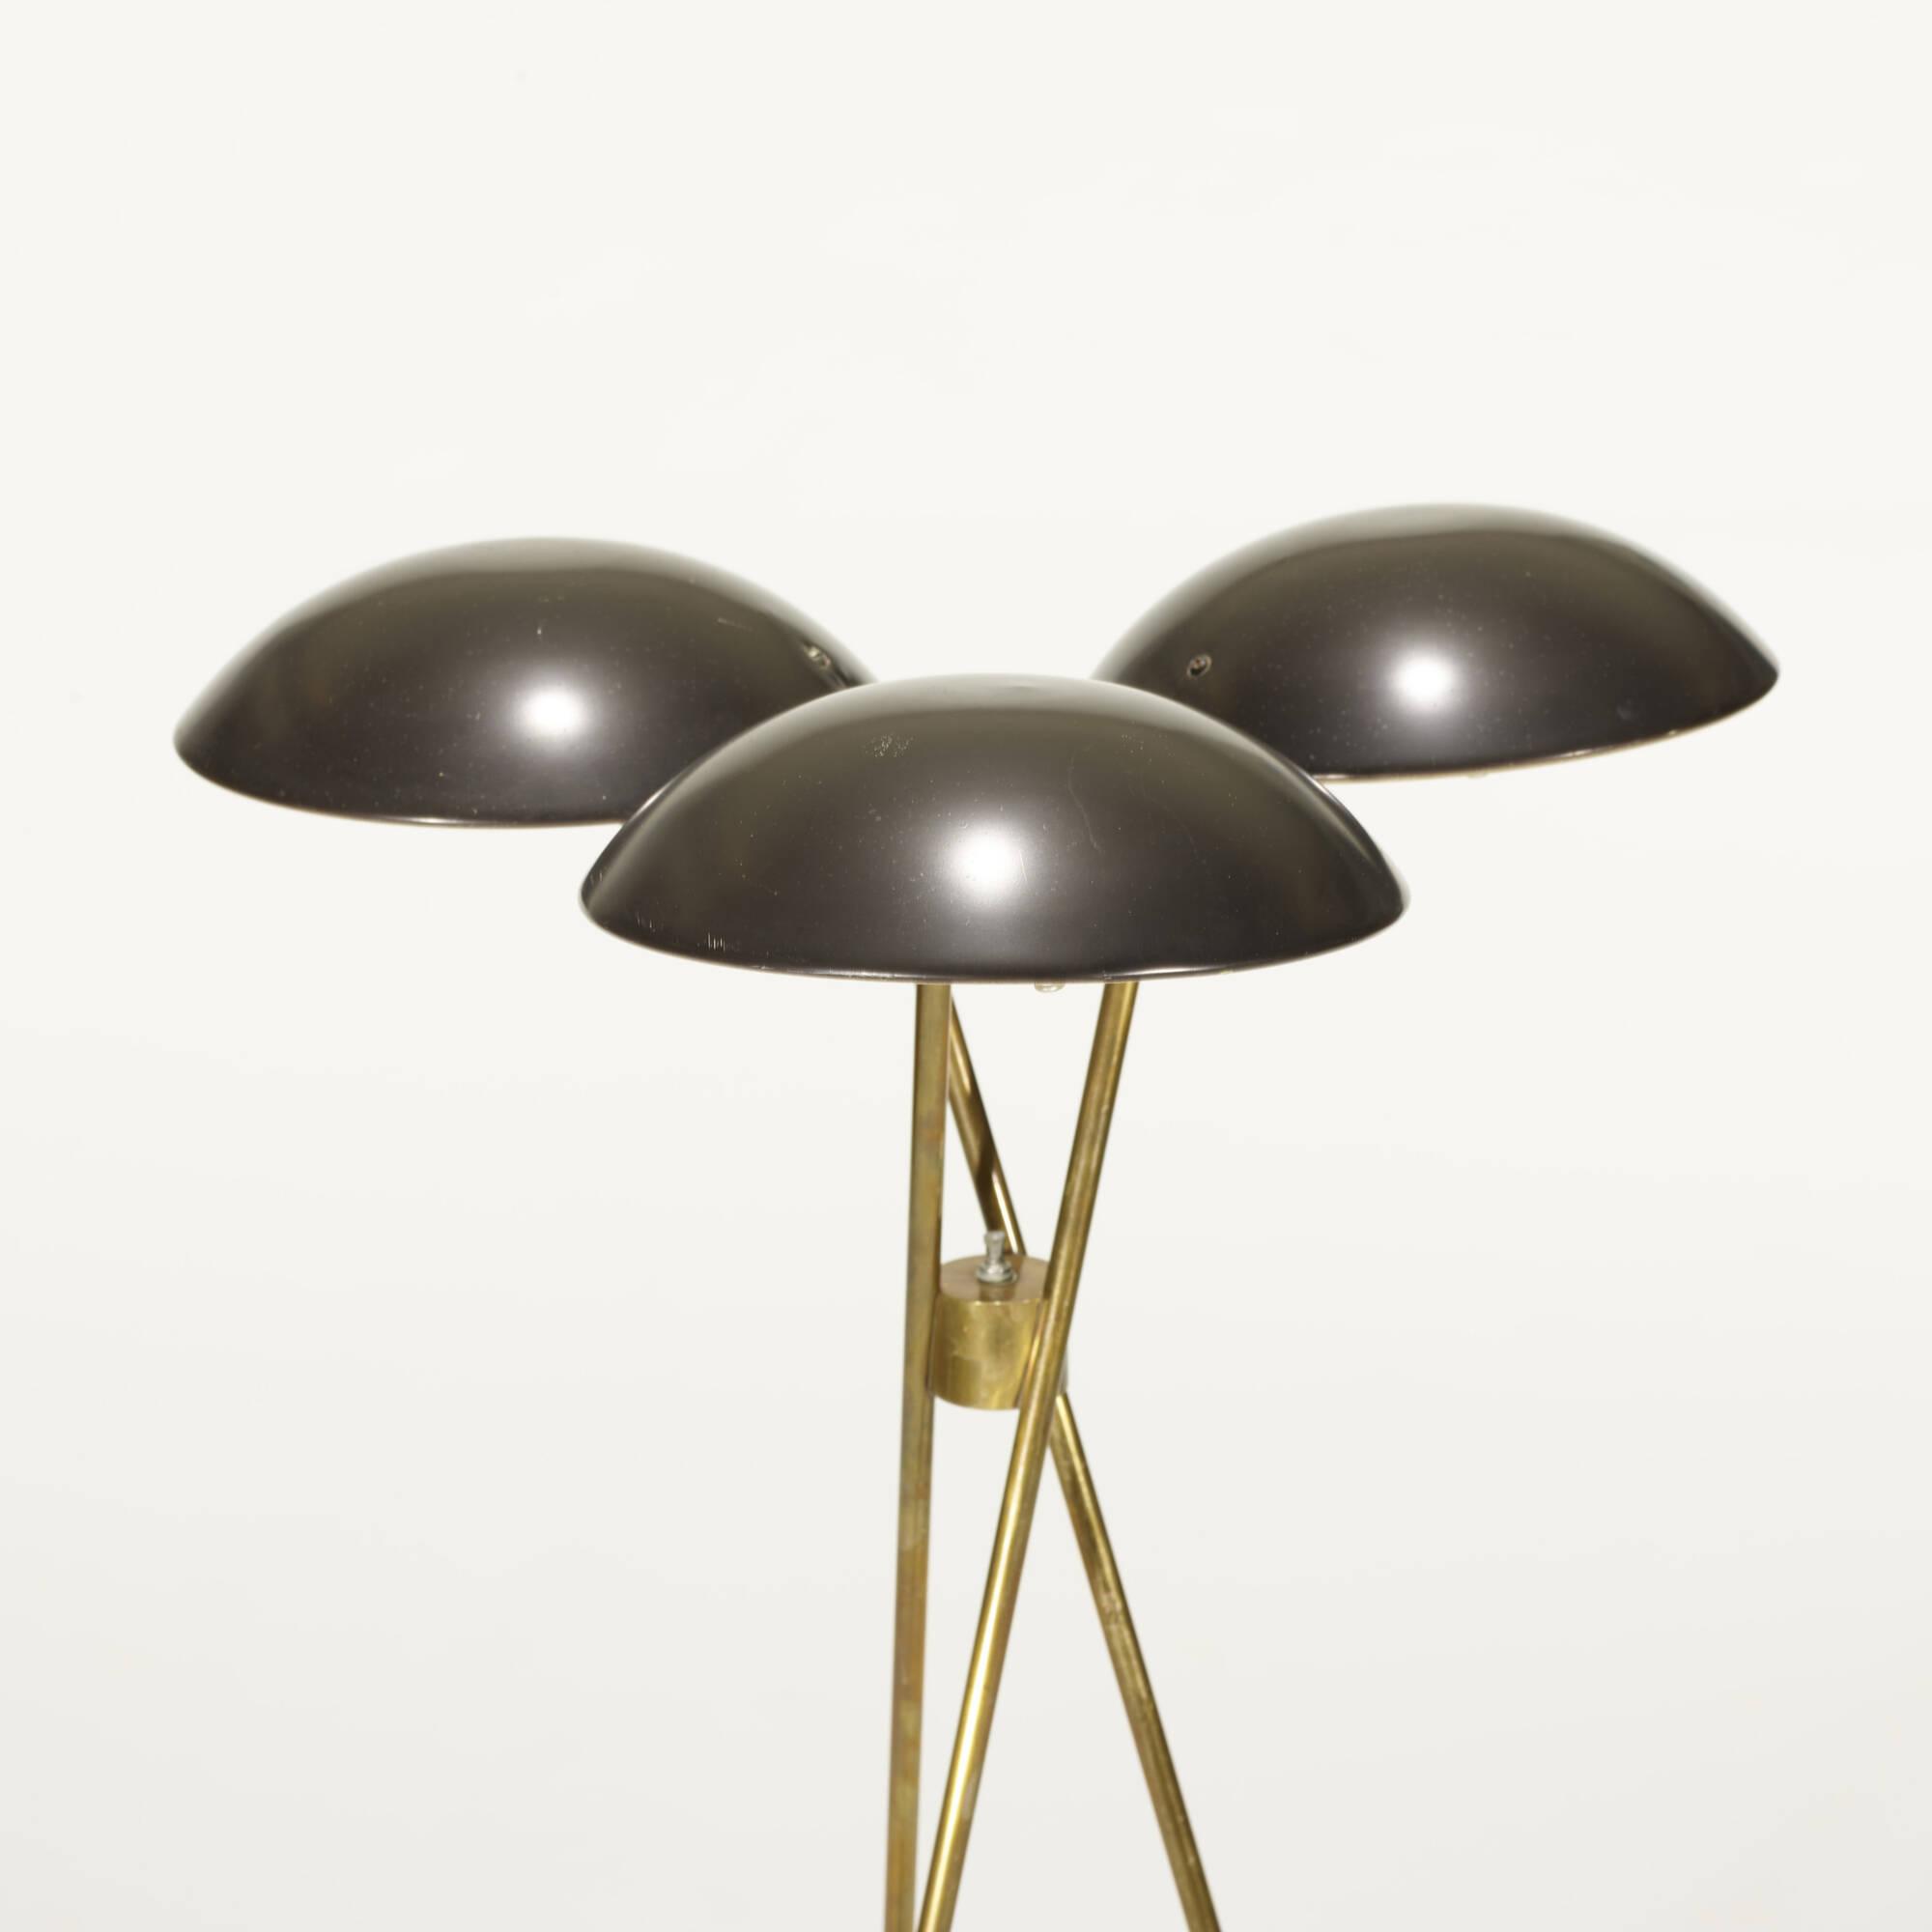 193: Gerald Thurston / floor lamp (3 of 3)